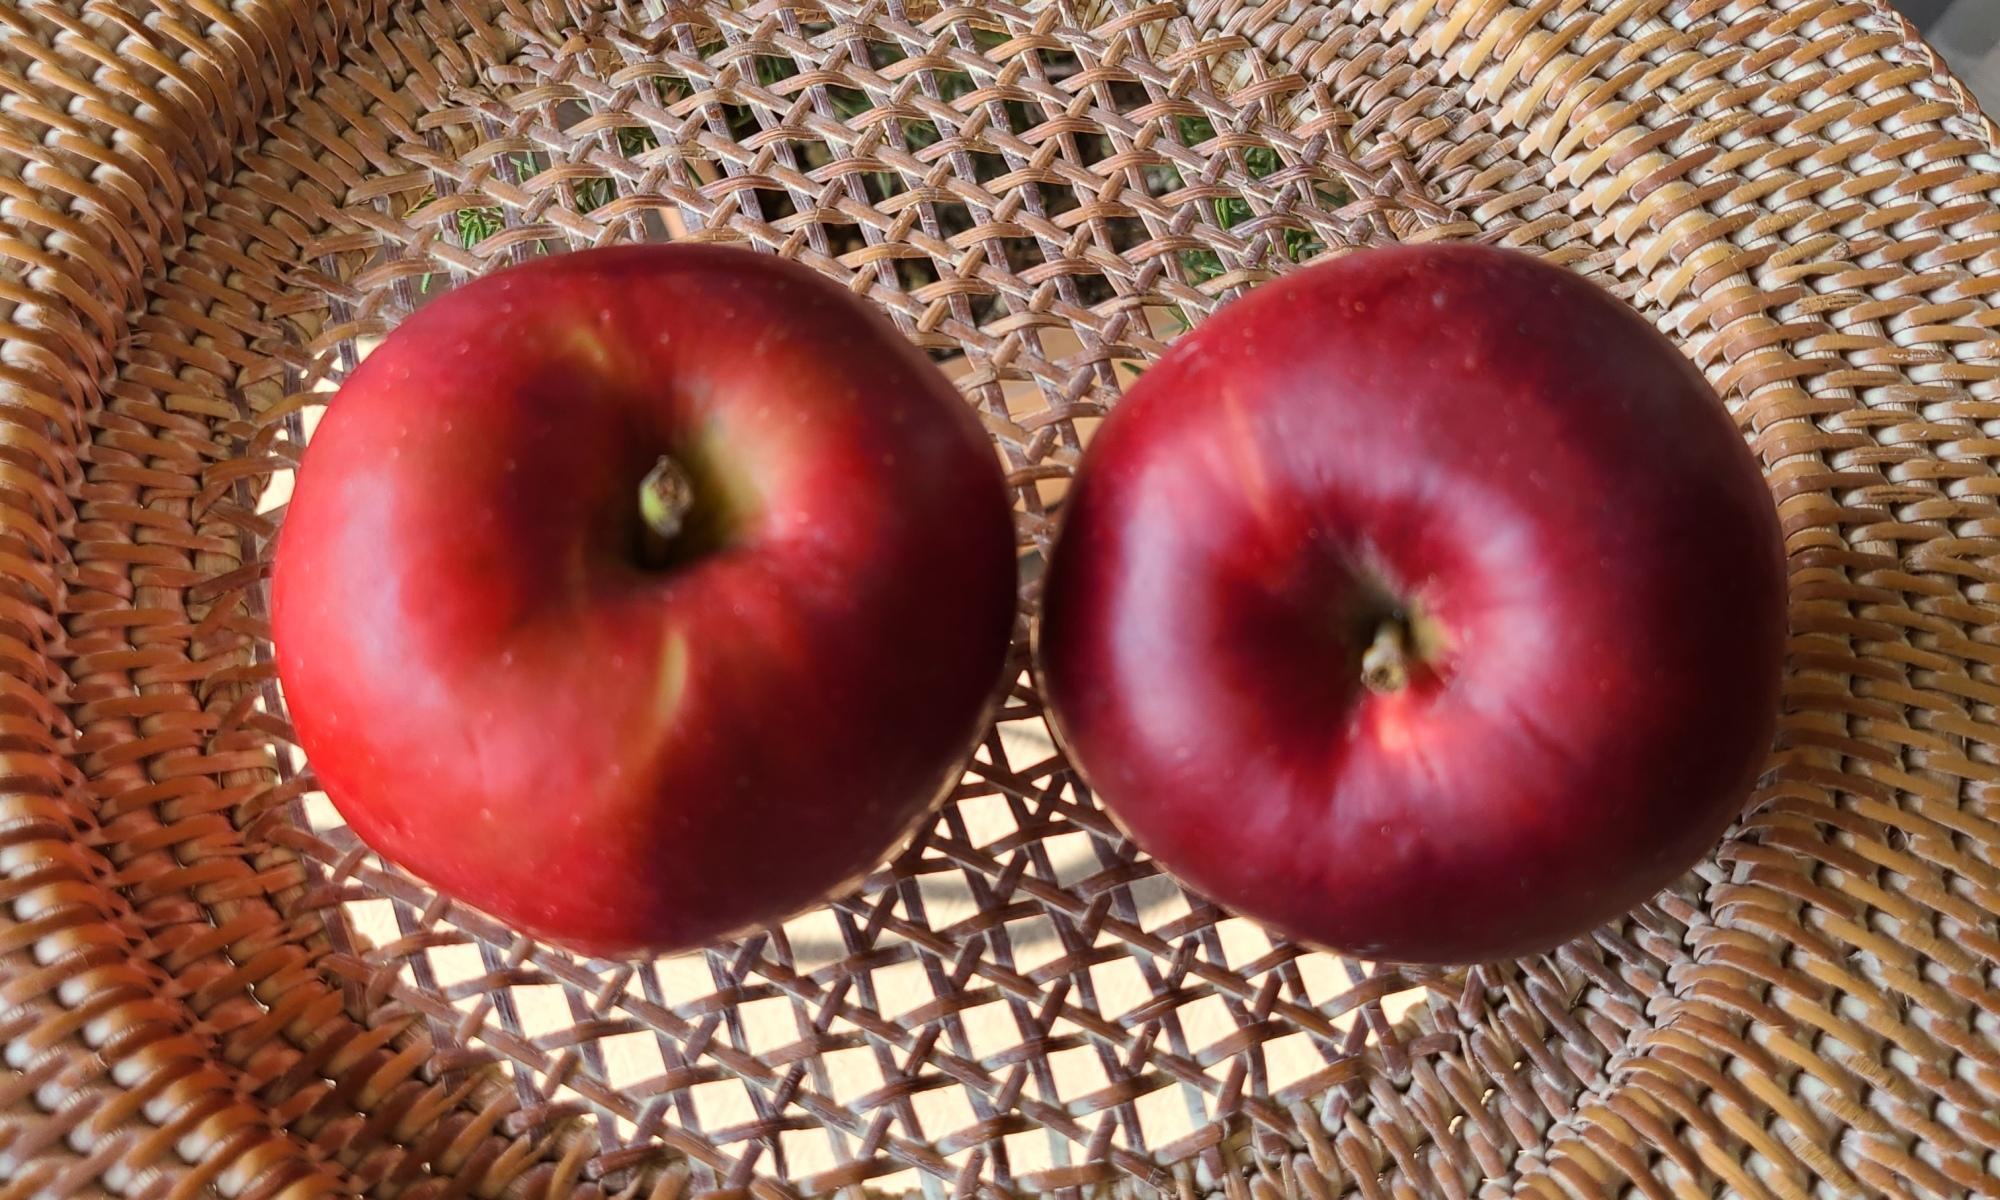 平らな籠の中に真っ赤な林檎が2つ並んでいます。